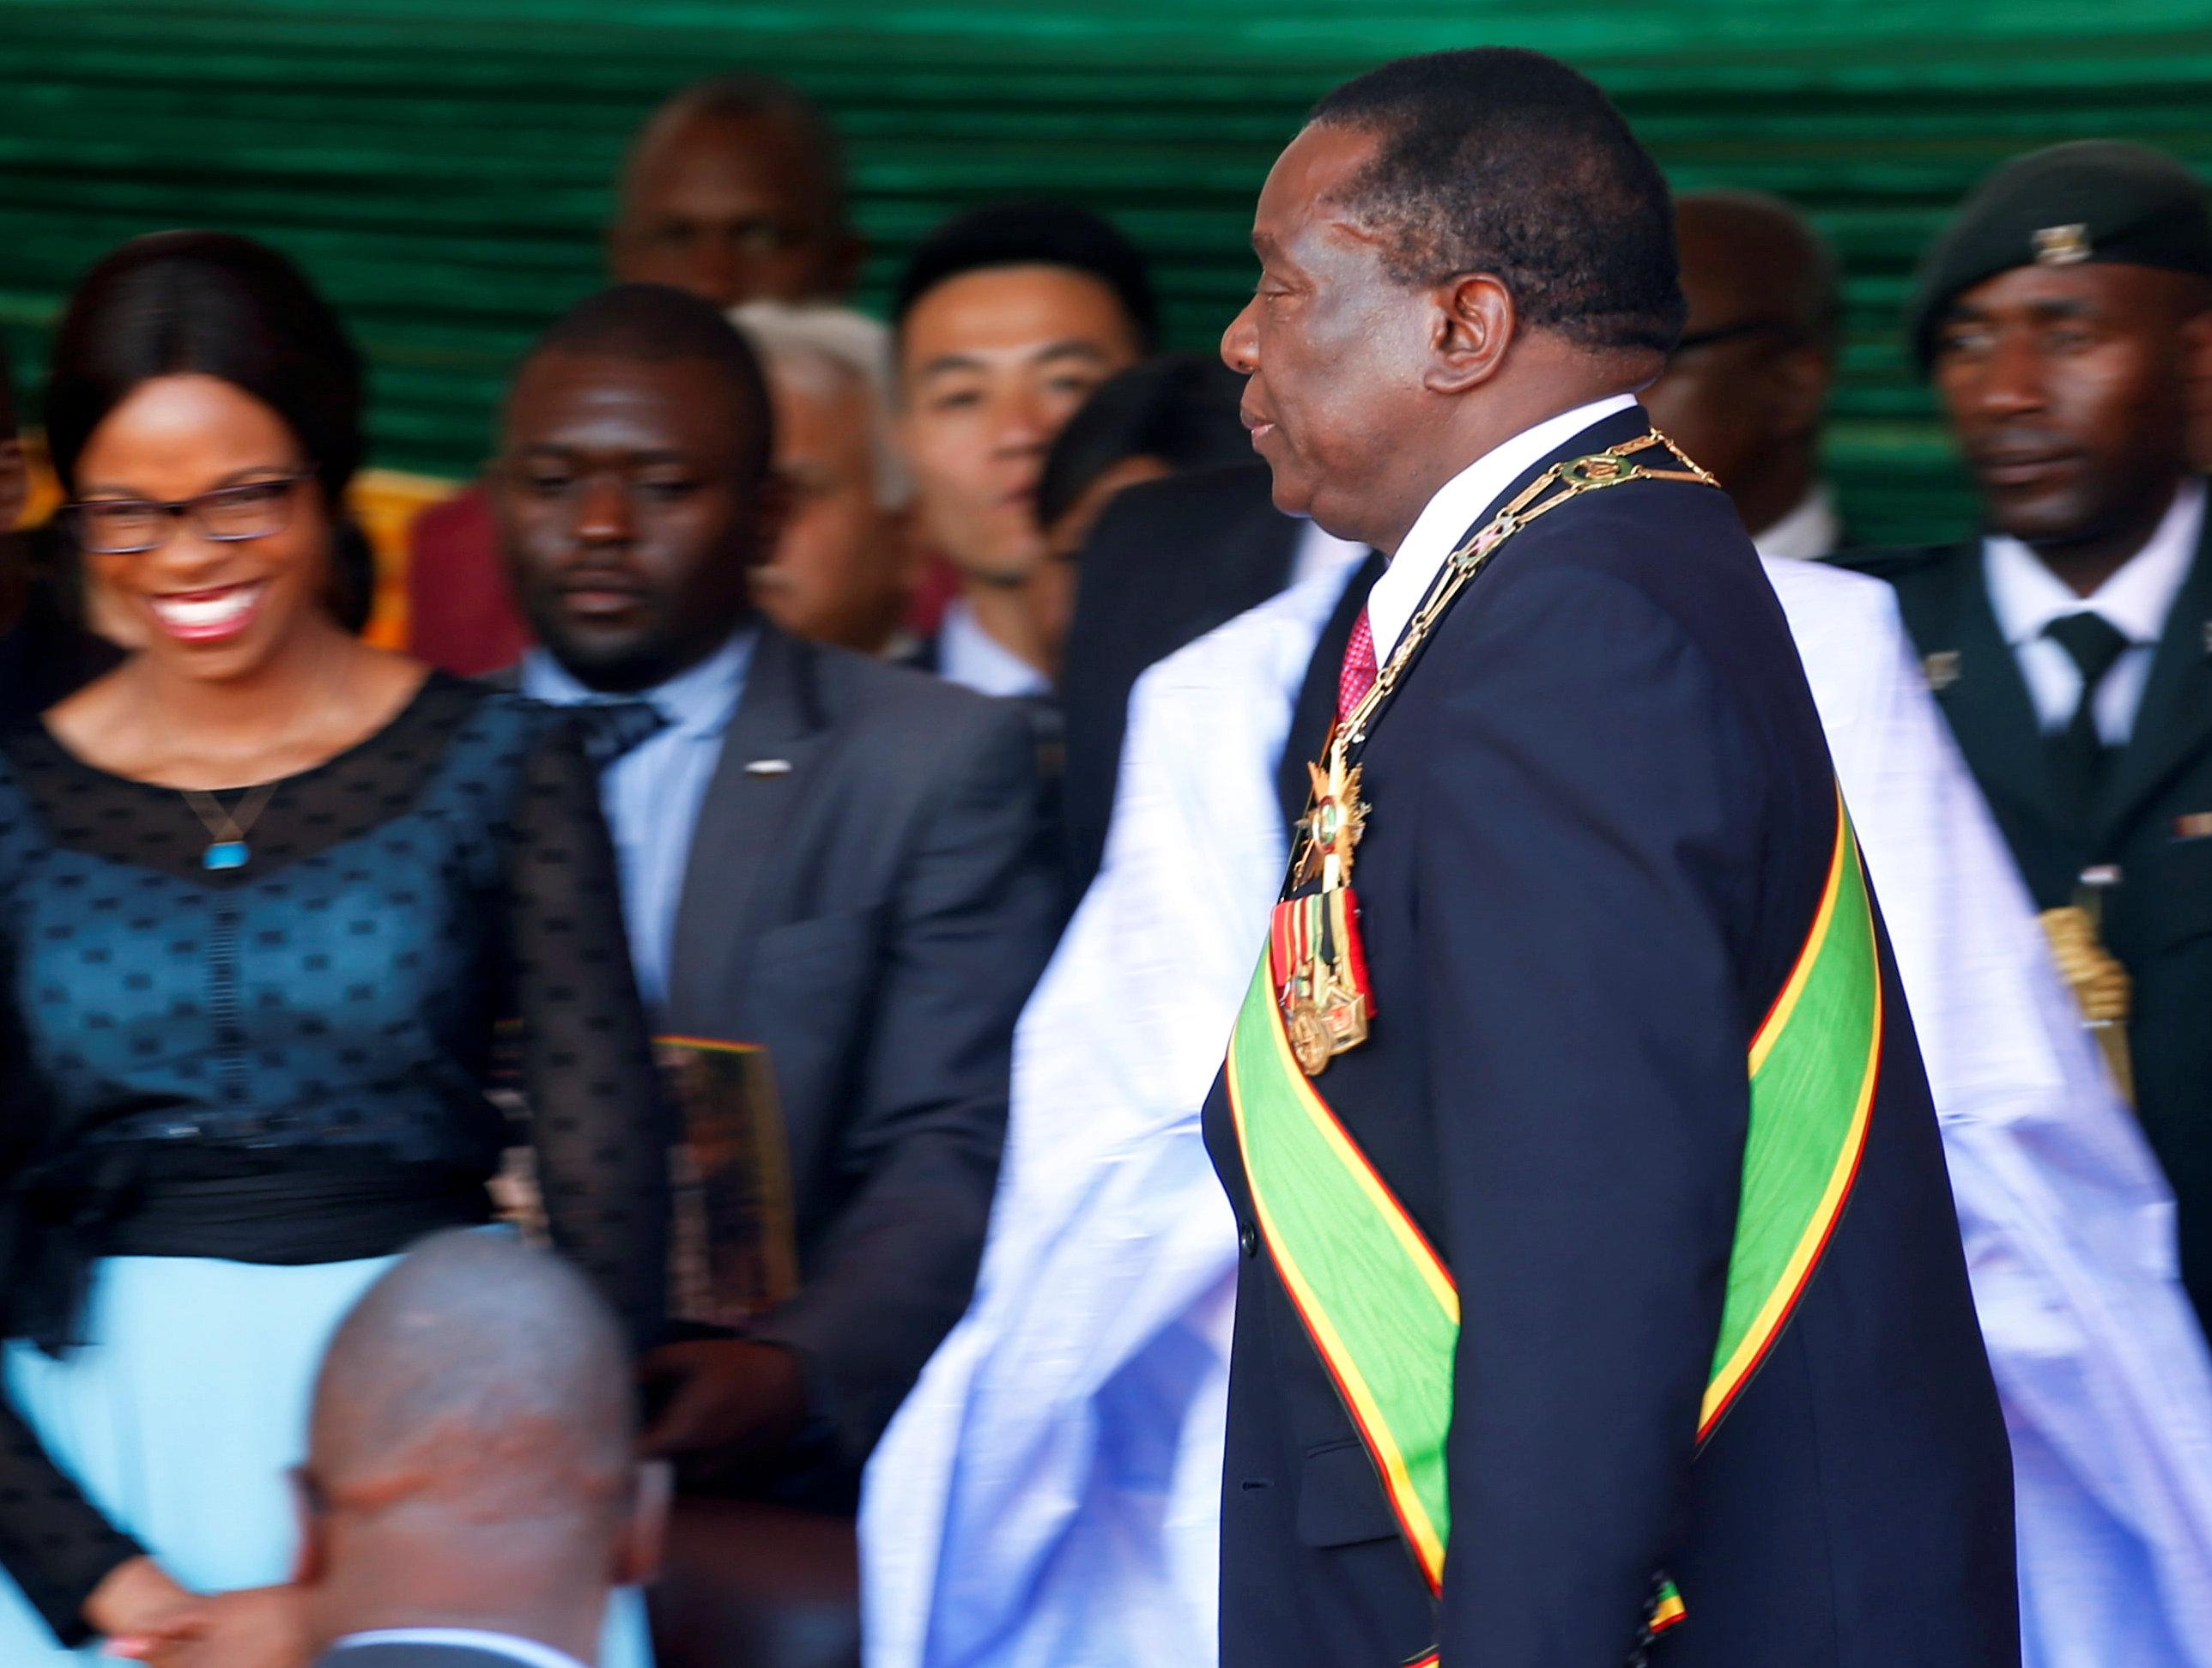 الرئيس الزيمبابوى فى مراسم حفل التنصيب